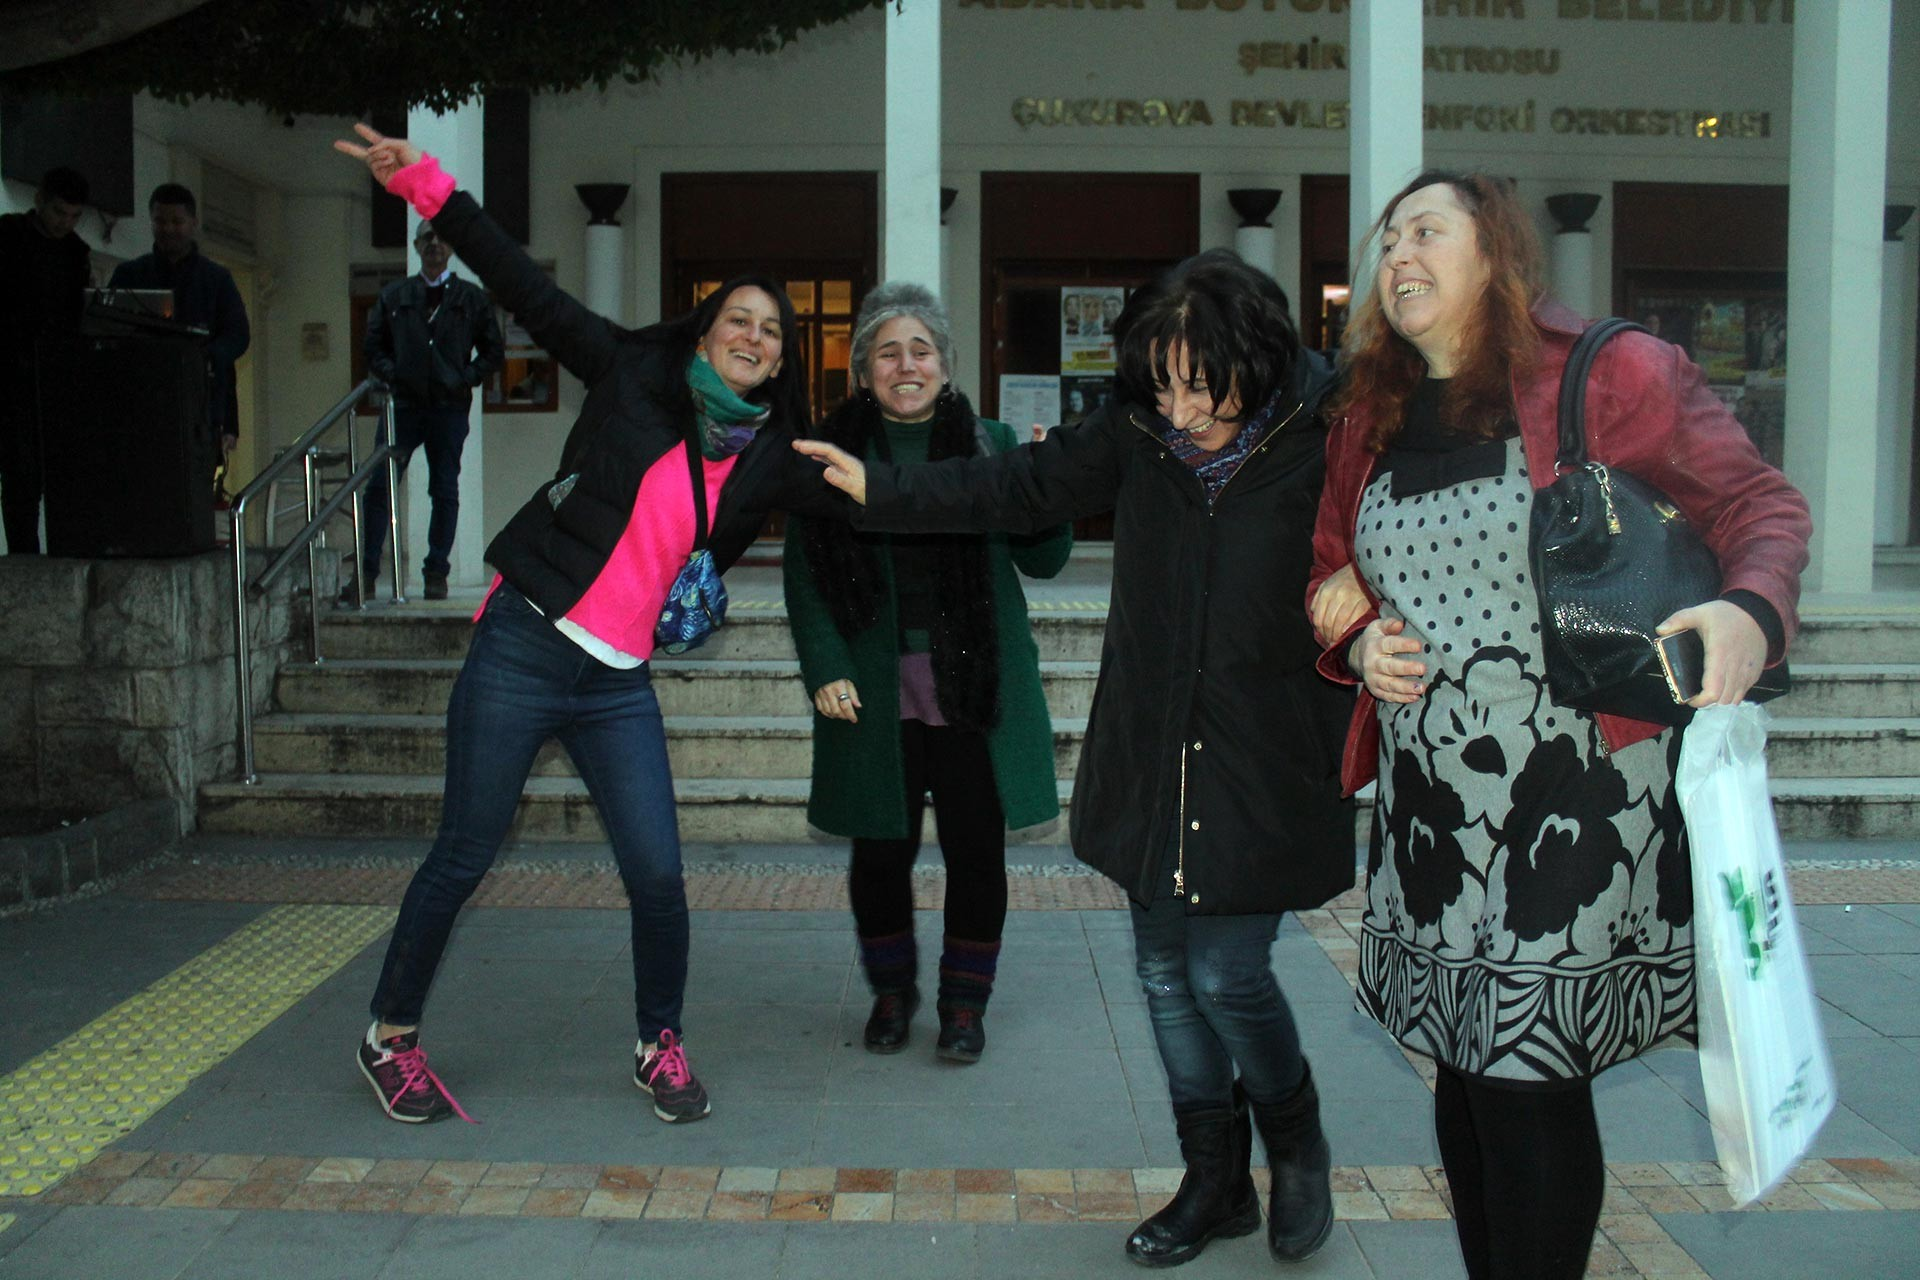 Adana'da kadınlar bin kadın ayağa kalkıyor eylemlerine destek verdi.